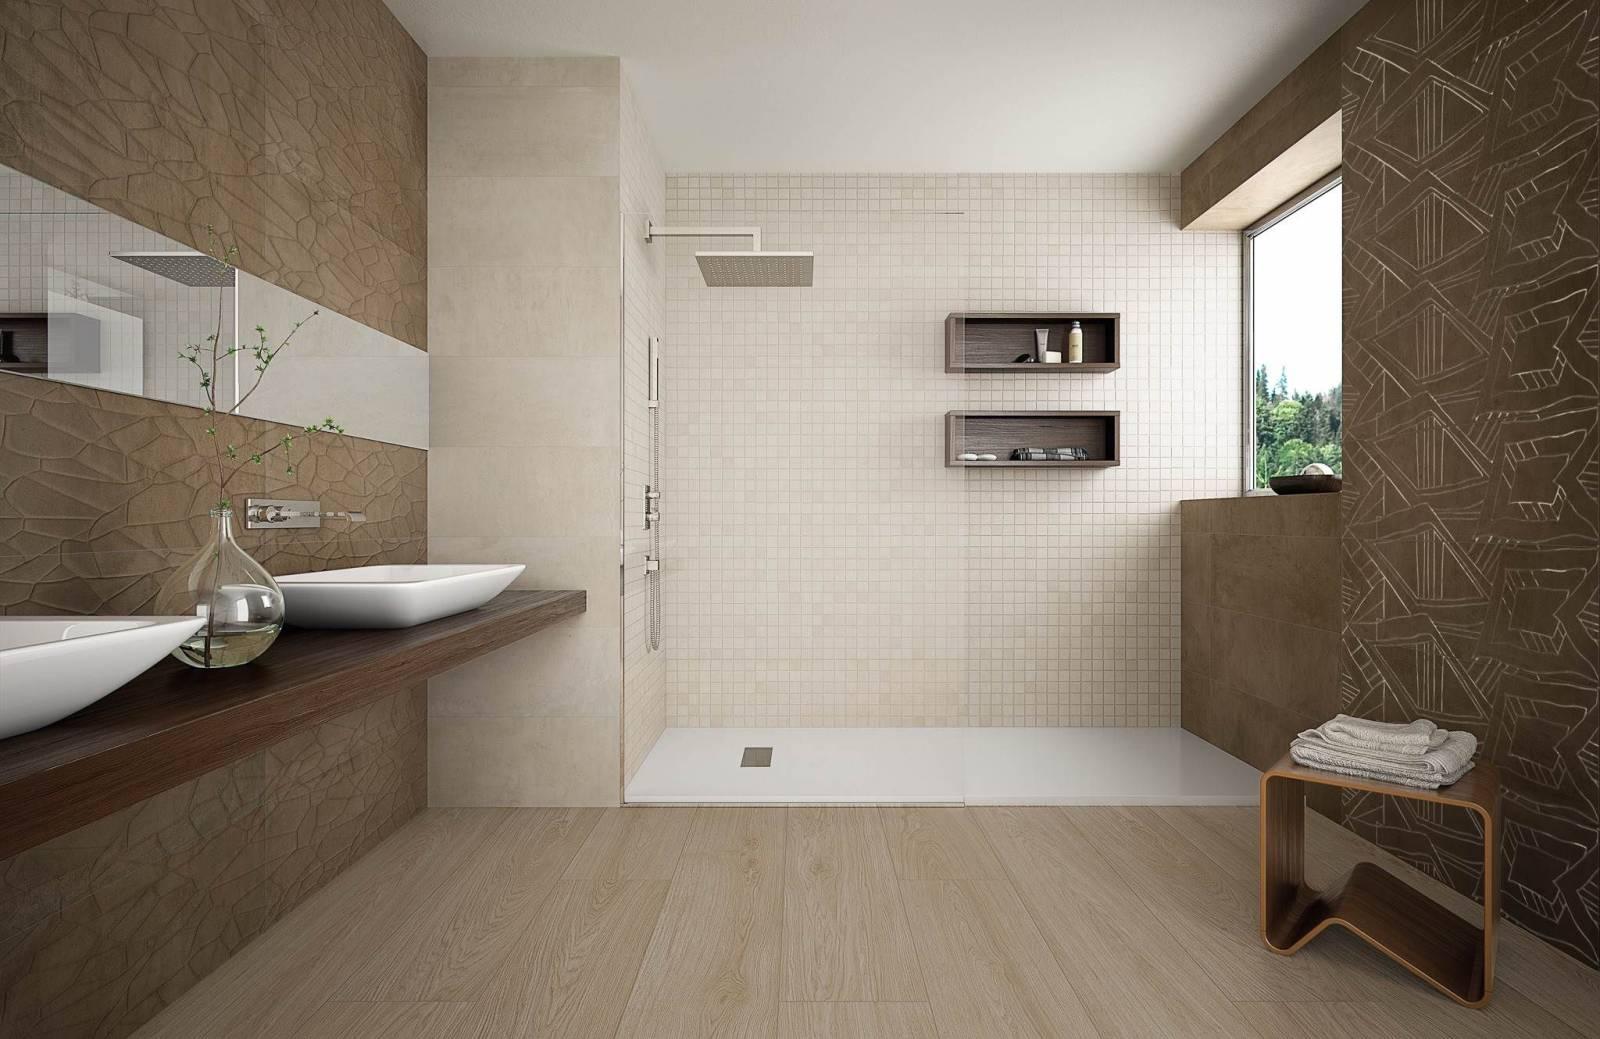 Carrelage effet papier froisse salle de bains cuisine for Carrelage a clipser 29 euros